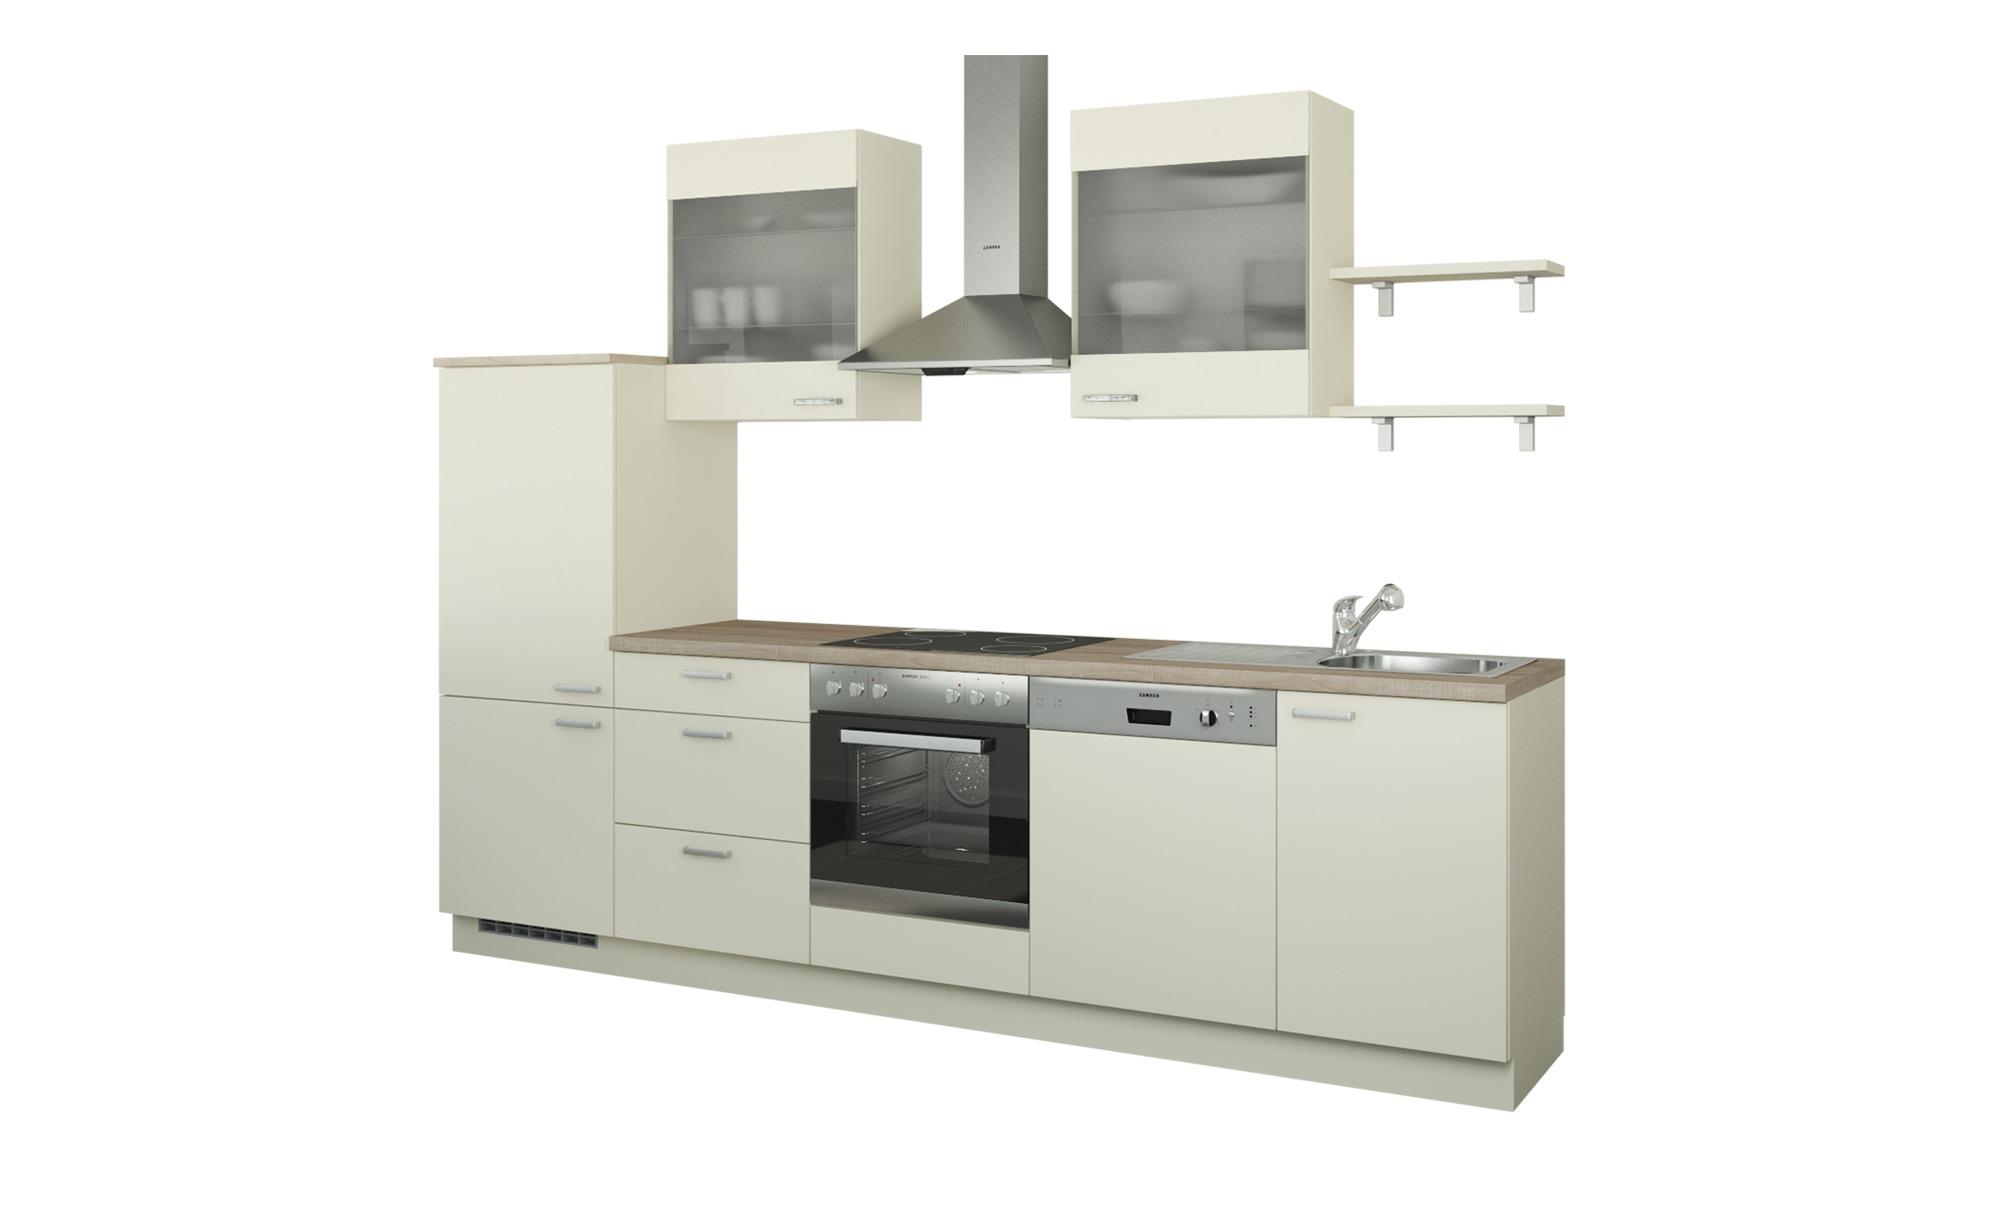 Küchenzeile ohne Elektrogeräte  Hamburg ¦ creme ¦ Maße (cm): B: 290 Küchen > Küchenblöcke ohne E-Geräte - Höffner